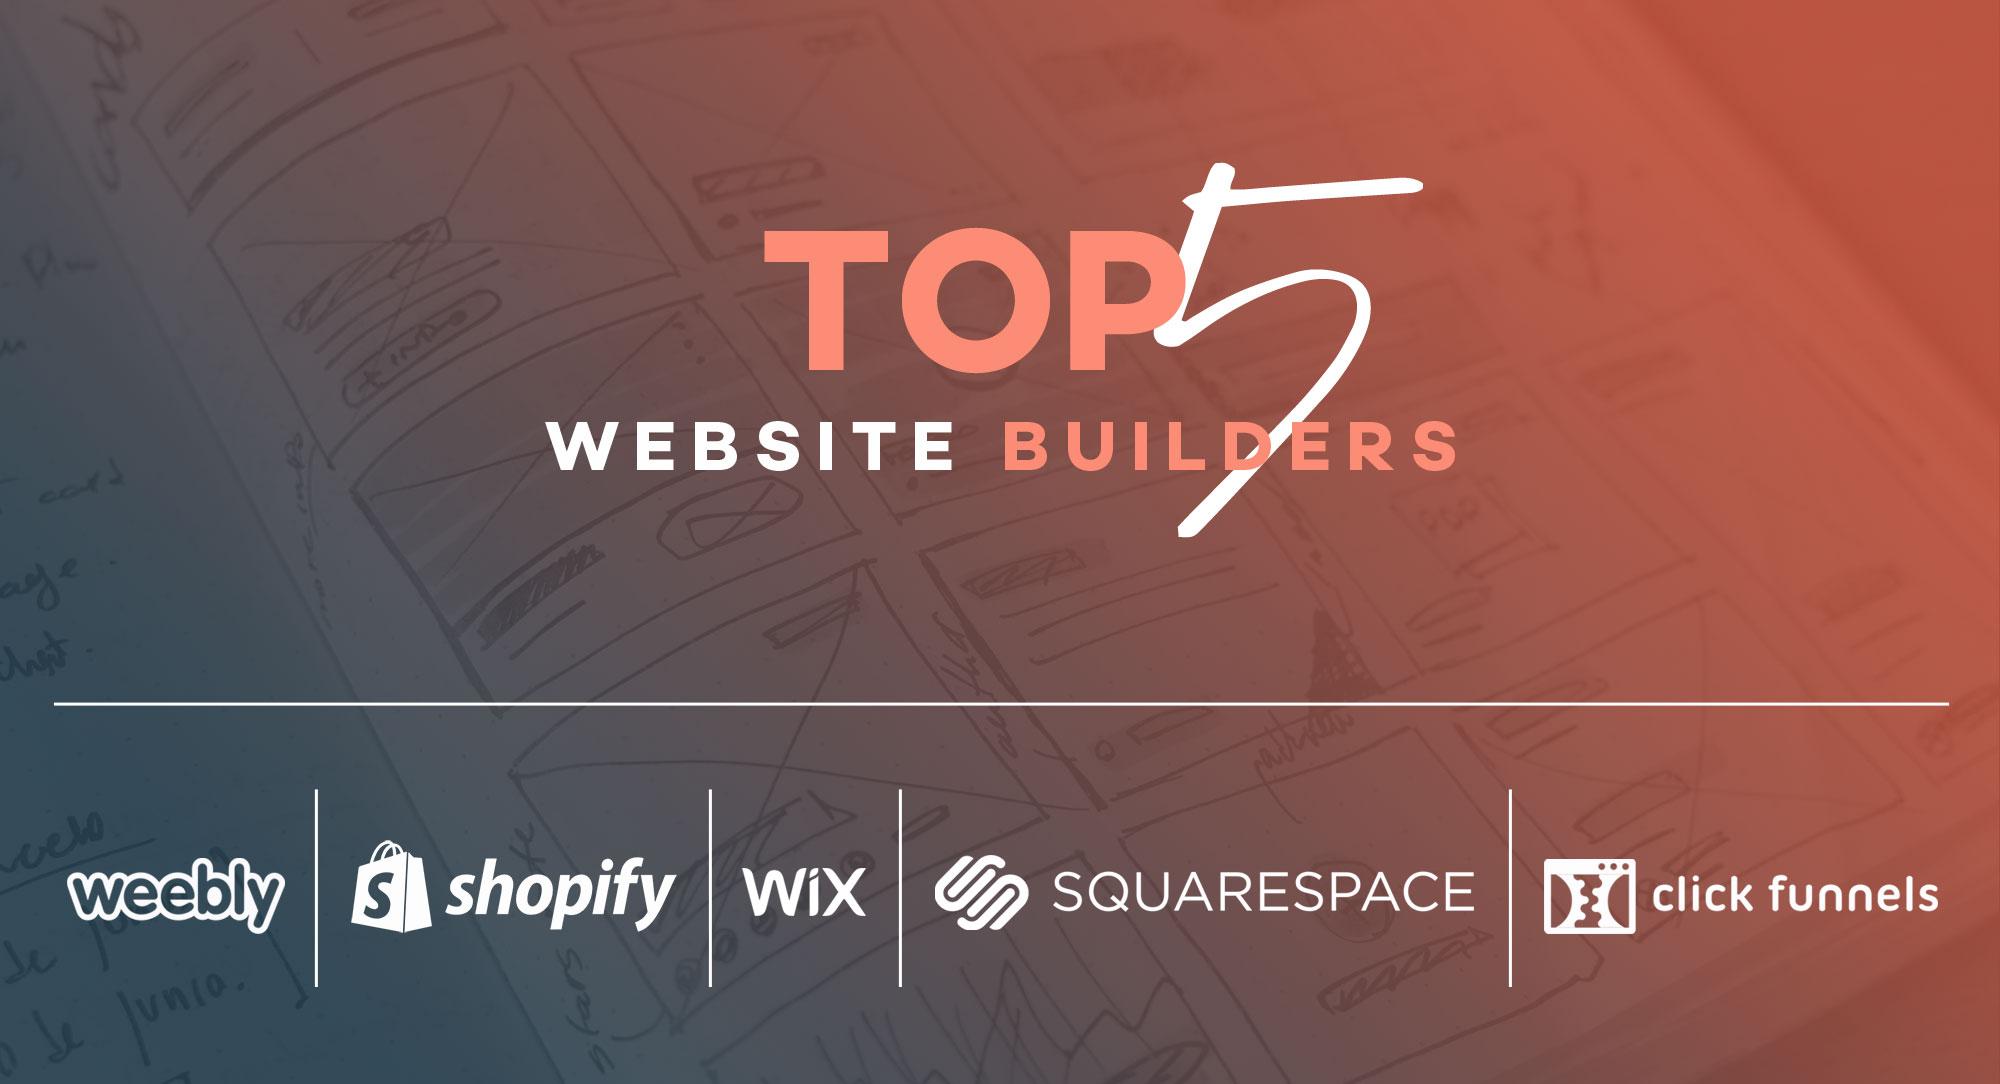 Top-5-website-builders